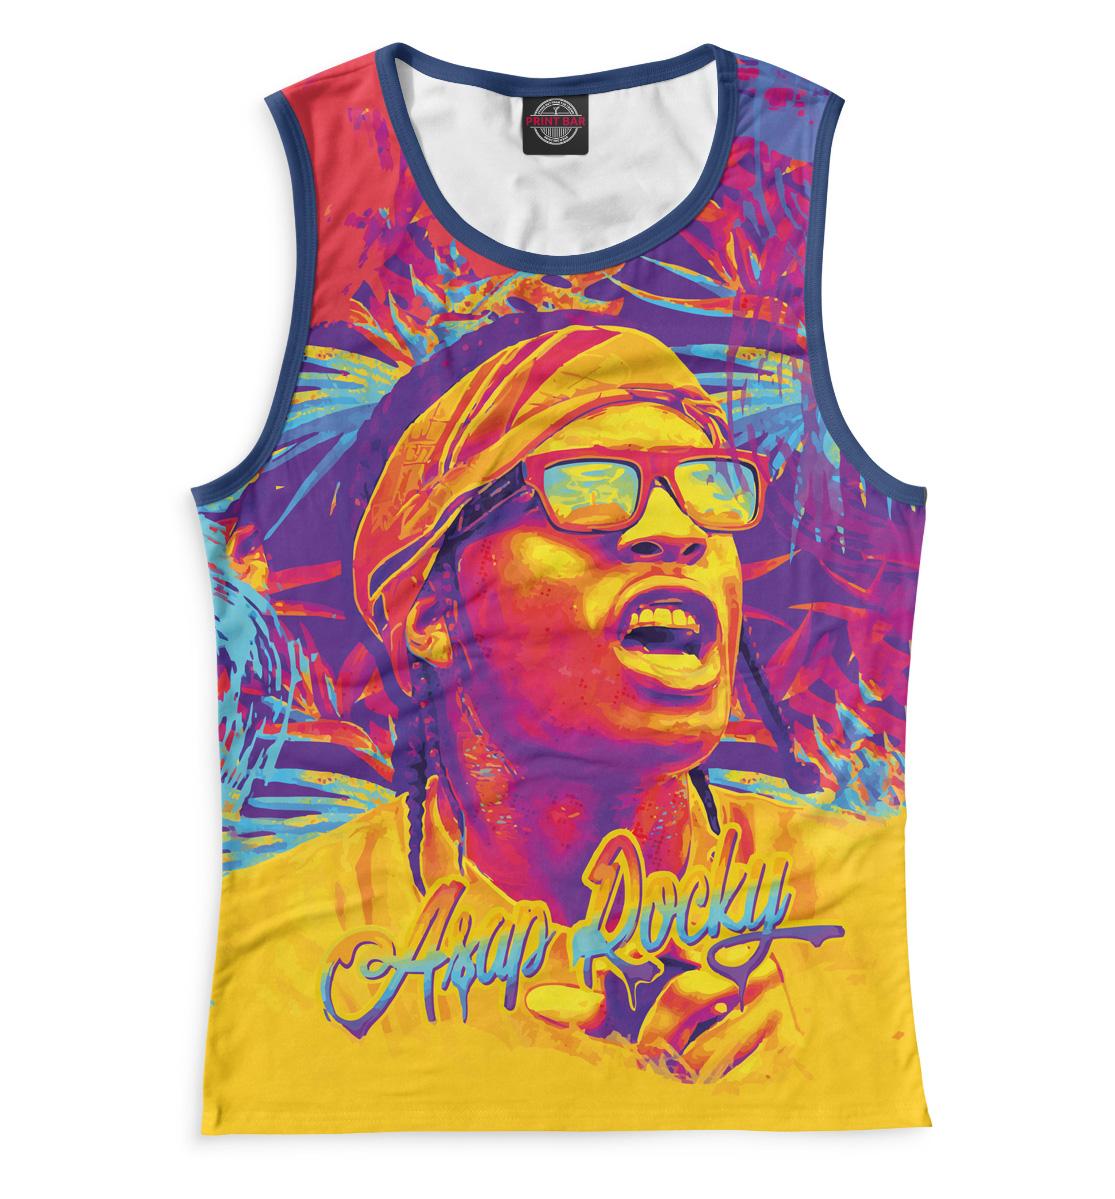 Купить A$AP Rocky, Printbar, Майки, RLG-425638-may-1